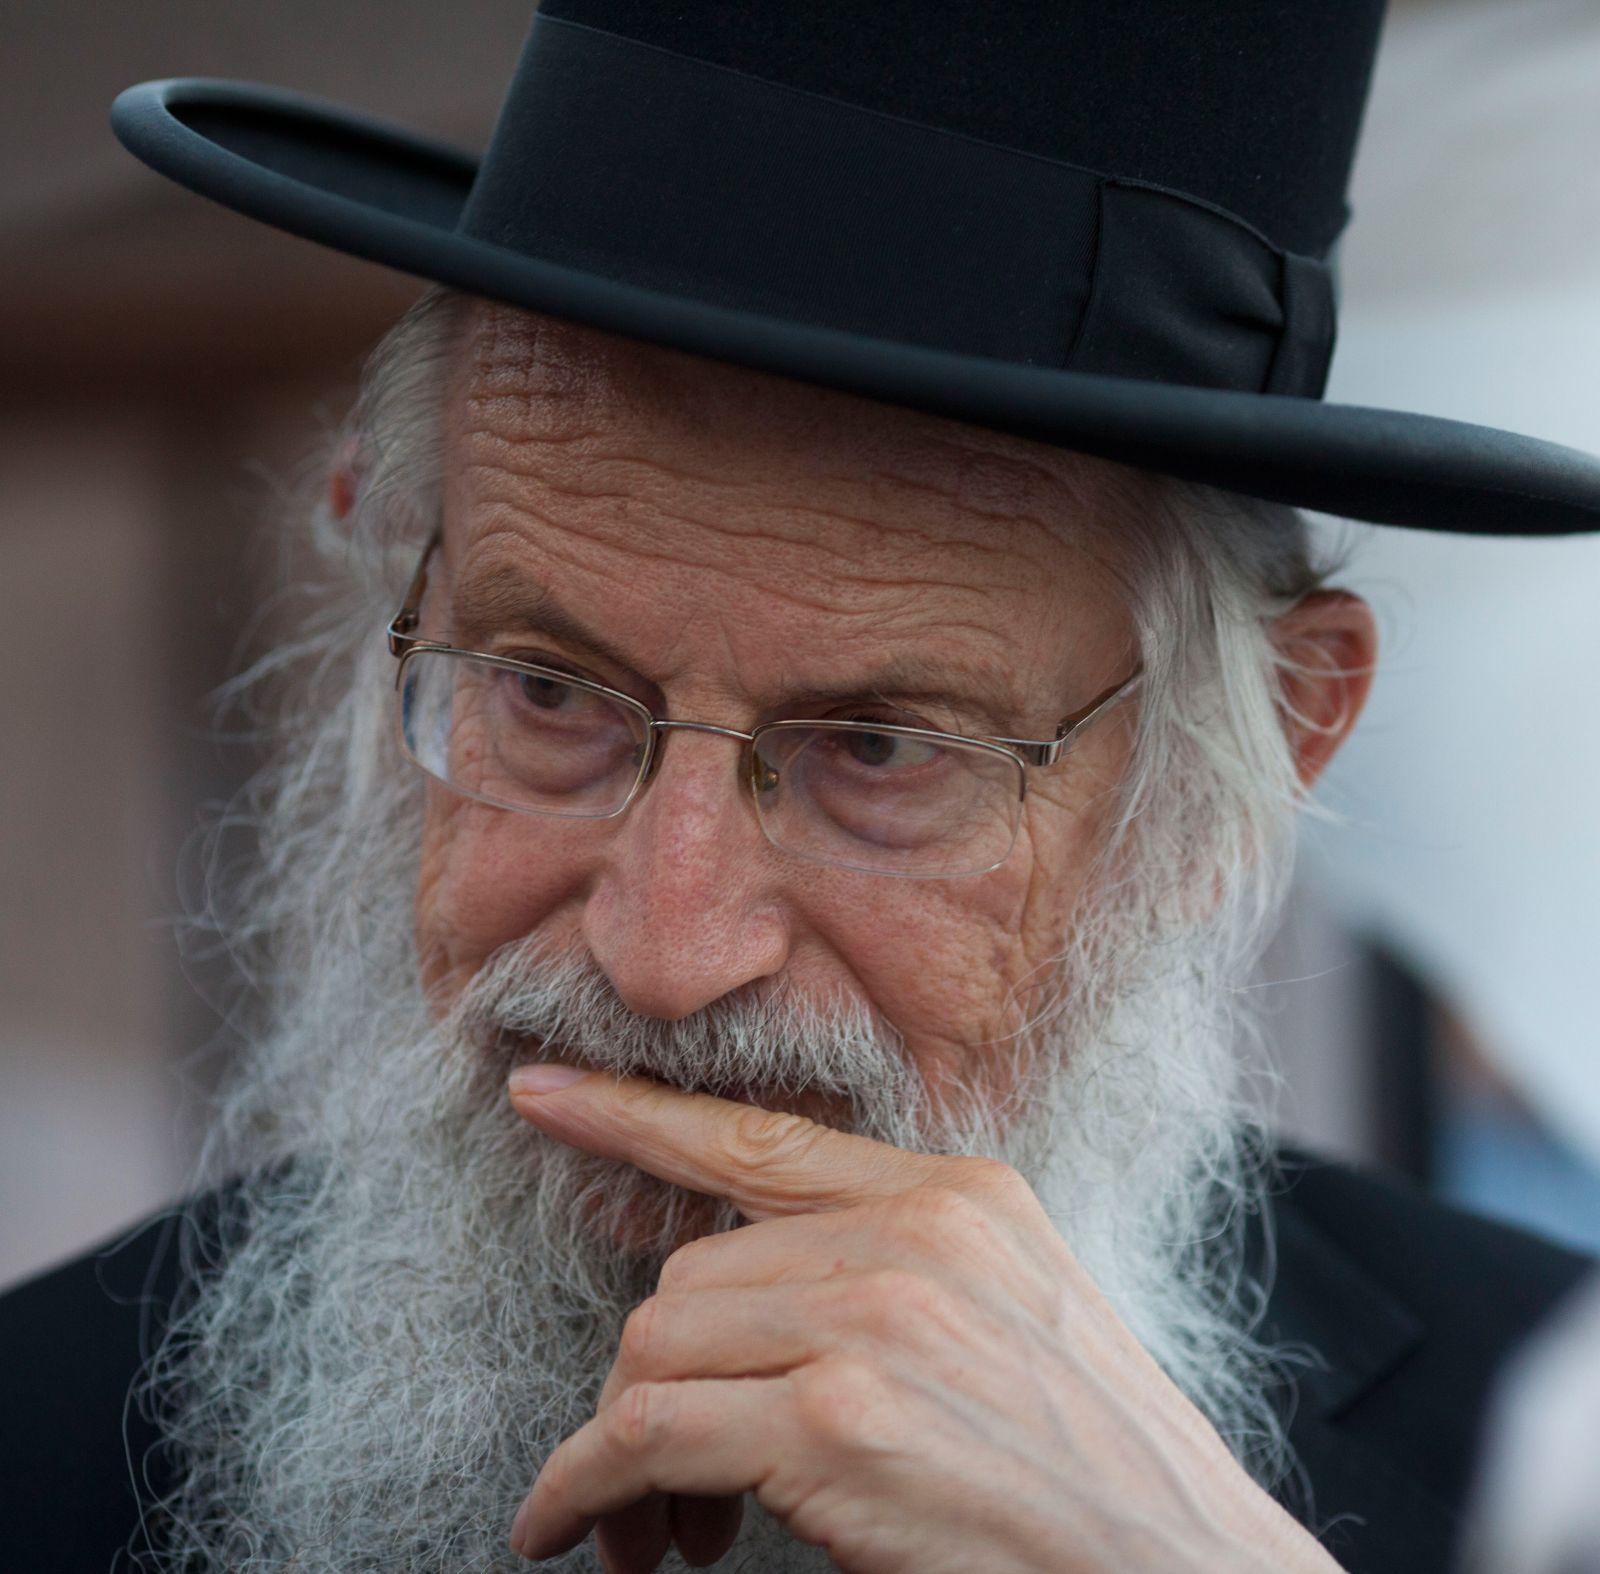 הרב זלמן ברוך מלמד. 19.6.12 (צילום: יונתן זינדל)